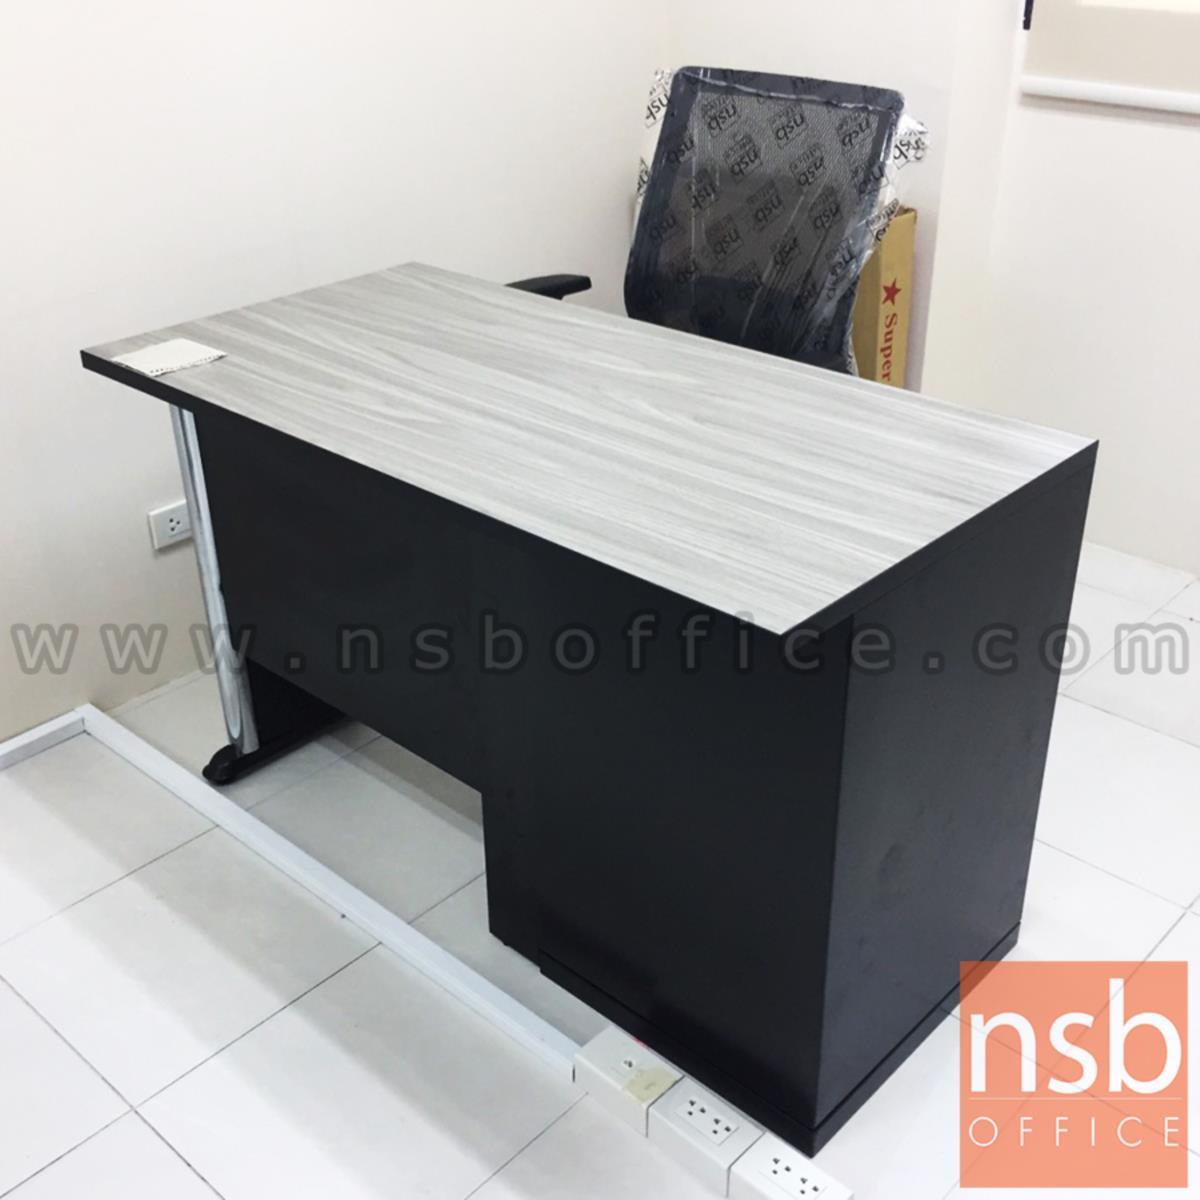 โต๊ะทำงาน 3 ลิ้นชัก มีบังโป๊  ขนาด 120W ,135W ,150W ,180W cm. ขาเหล็ก